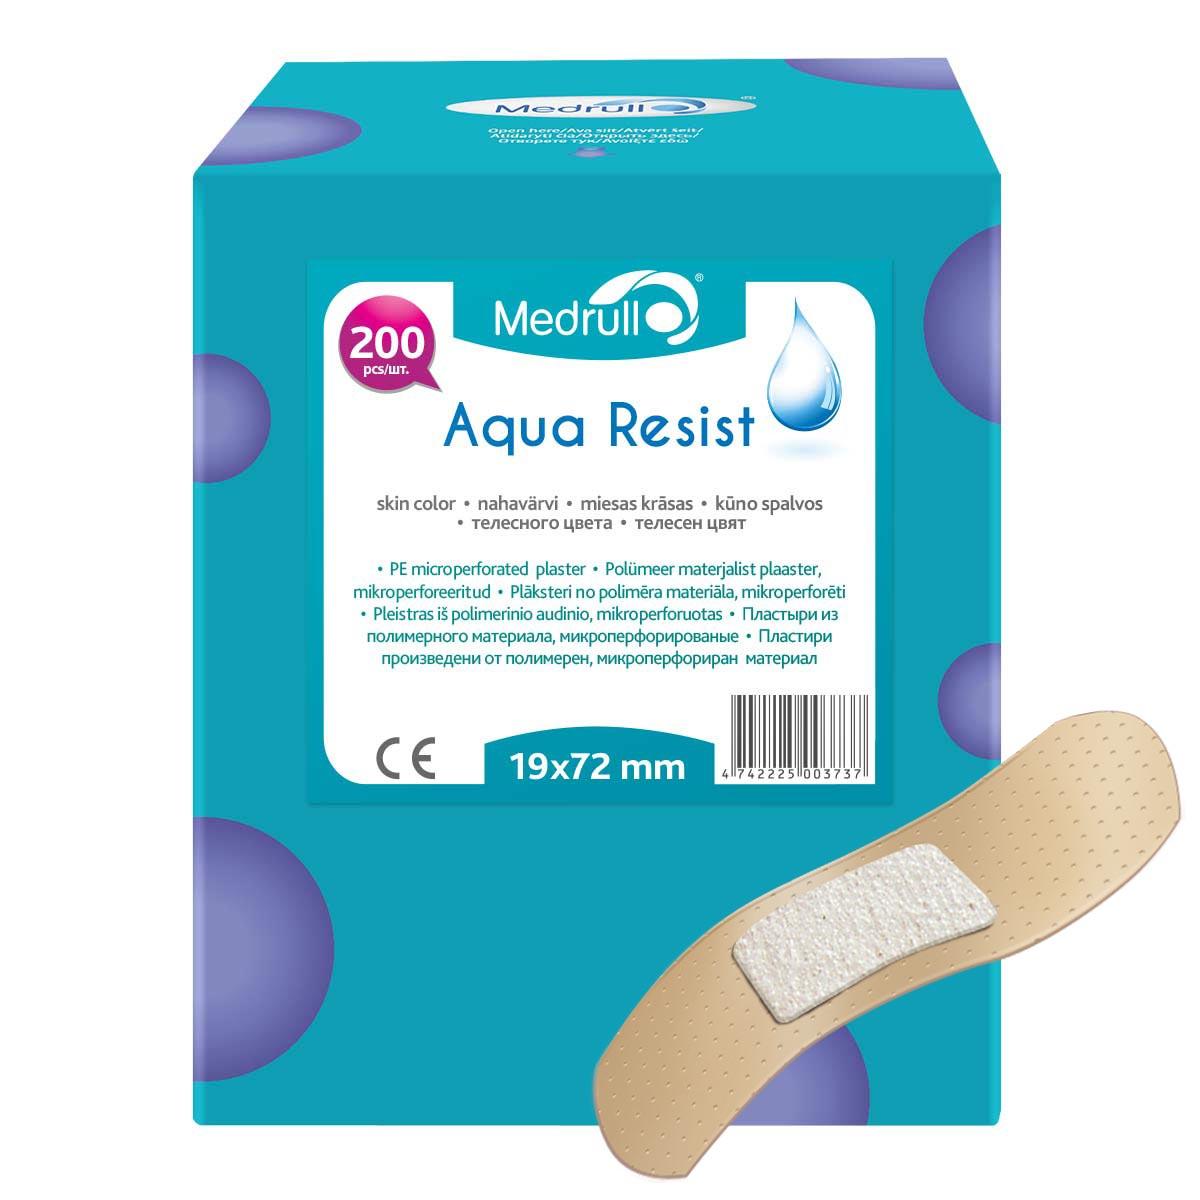 Medrull Набор пластырей Aqua Resist, 1,9х7,2 см, №20000001313Универсальные пластыри удобно и легко защитят рану от попадания влаги и грязи. Изготовлены из тонкого, перфорированного, полимерного материала, благодаря перфорации не препятствуют доступу воздуха к коже. Свойства пластыря: водонепроницаемые, грязенепроницаемые, гипоаллергенные, эластичные, дышащие, плотно прилегающие. Абсорбирующая подушечка изготовлена из вискозы и обладает высокой впитываемостью. Верхняя часть подушечки обработана полипропиленом, что защищает от вероятности прилипания пластыря к поврежденной поверхности кожи.